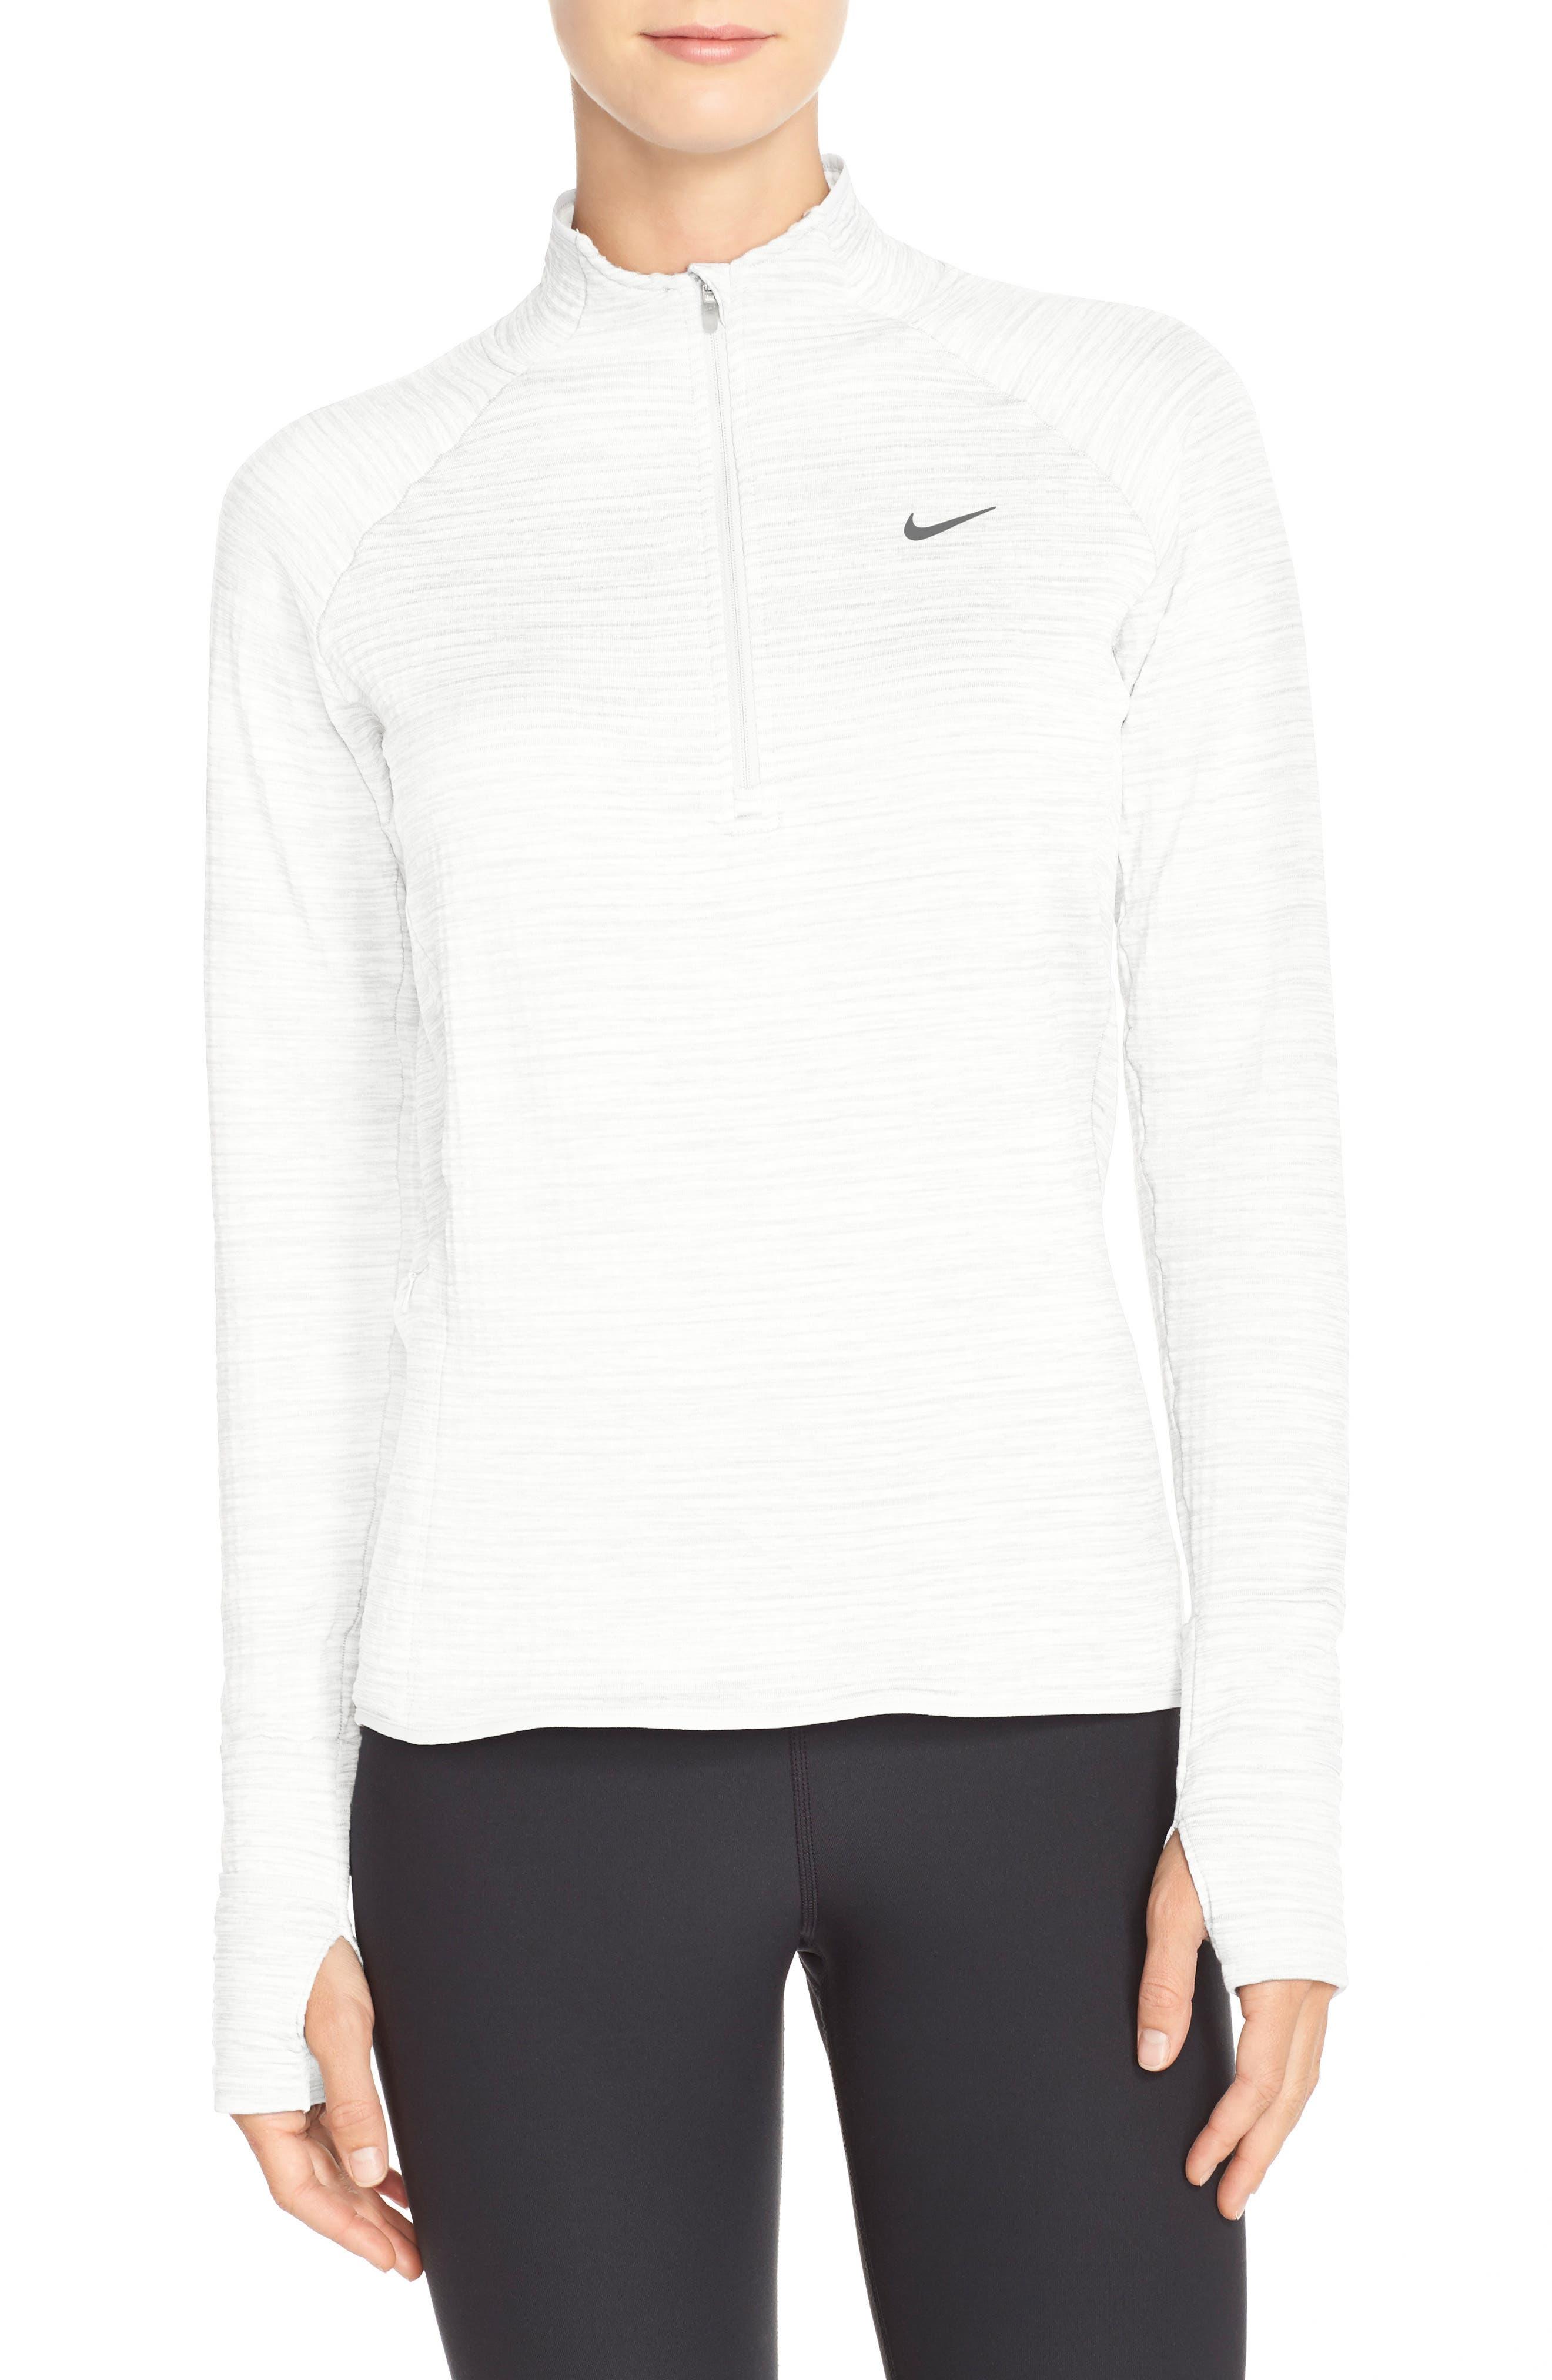 Main Image - Nike 'Element' Sphere Half Zip Running Shirt